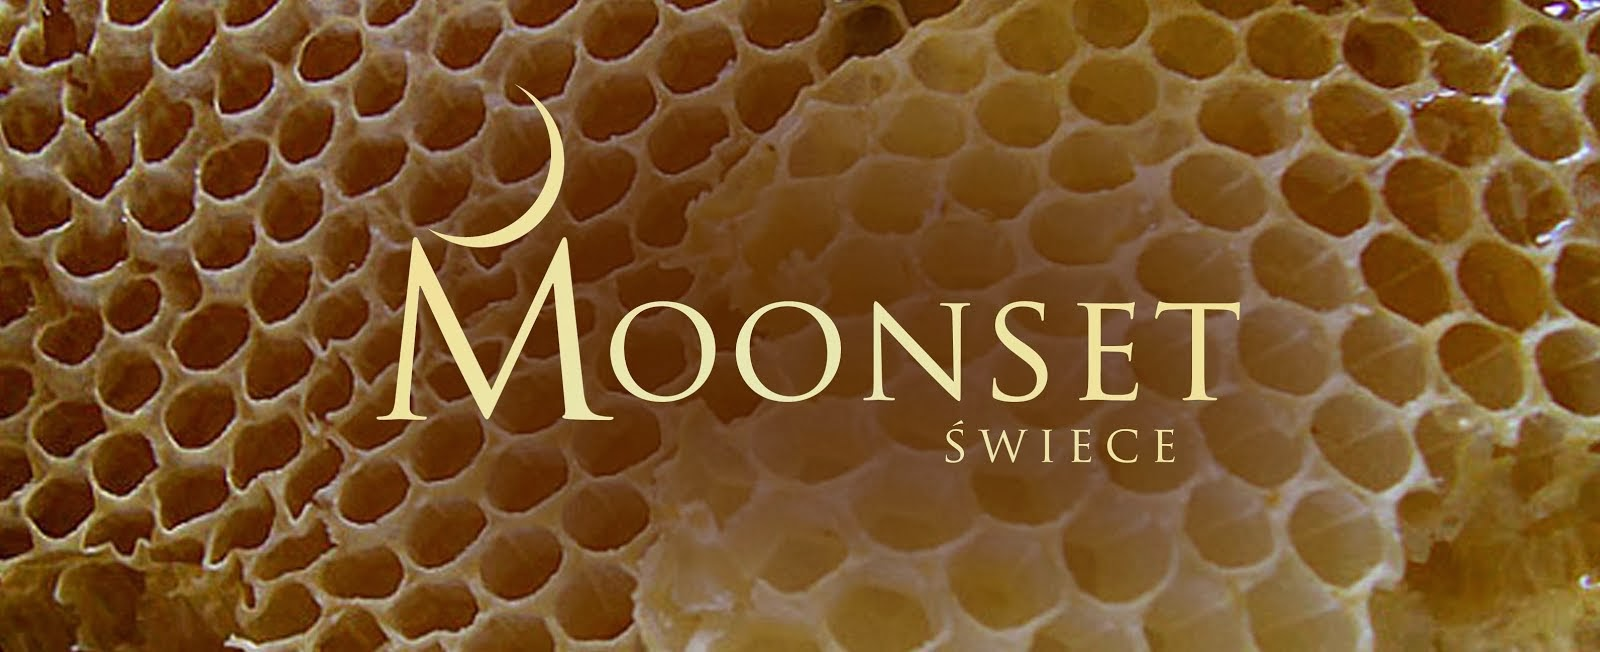 Ekologiczne Woskowe Świece Rytualne Moonset